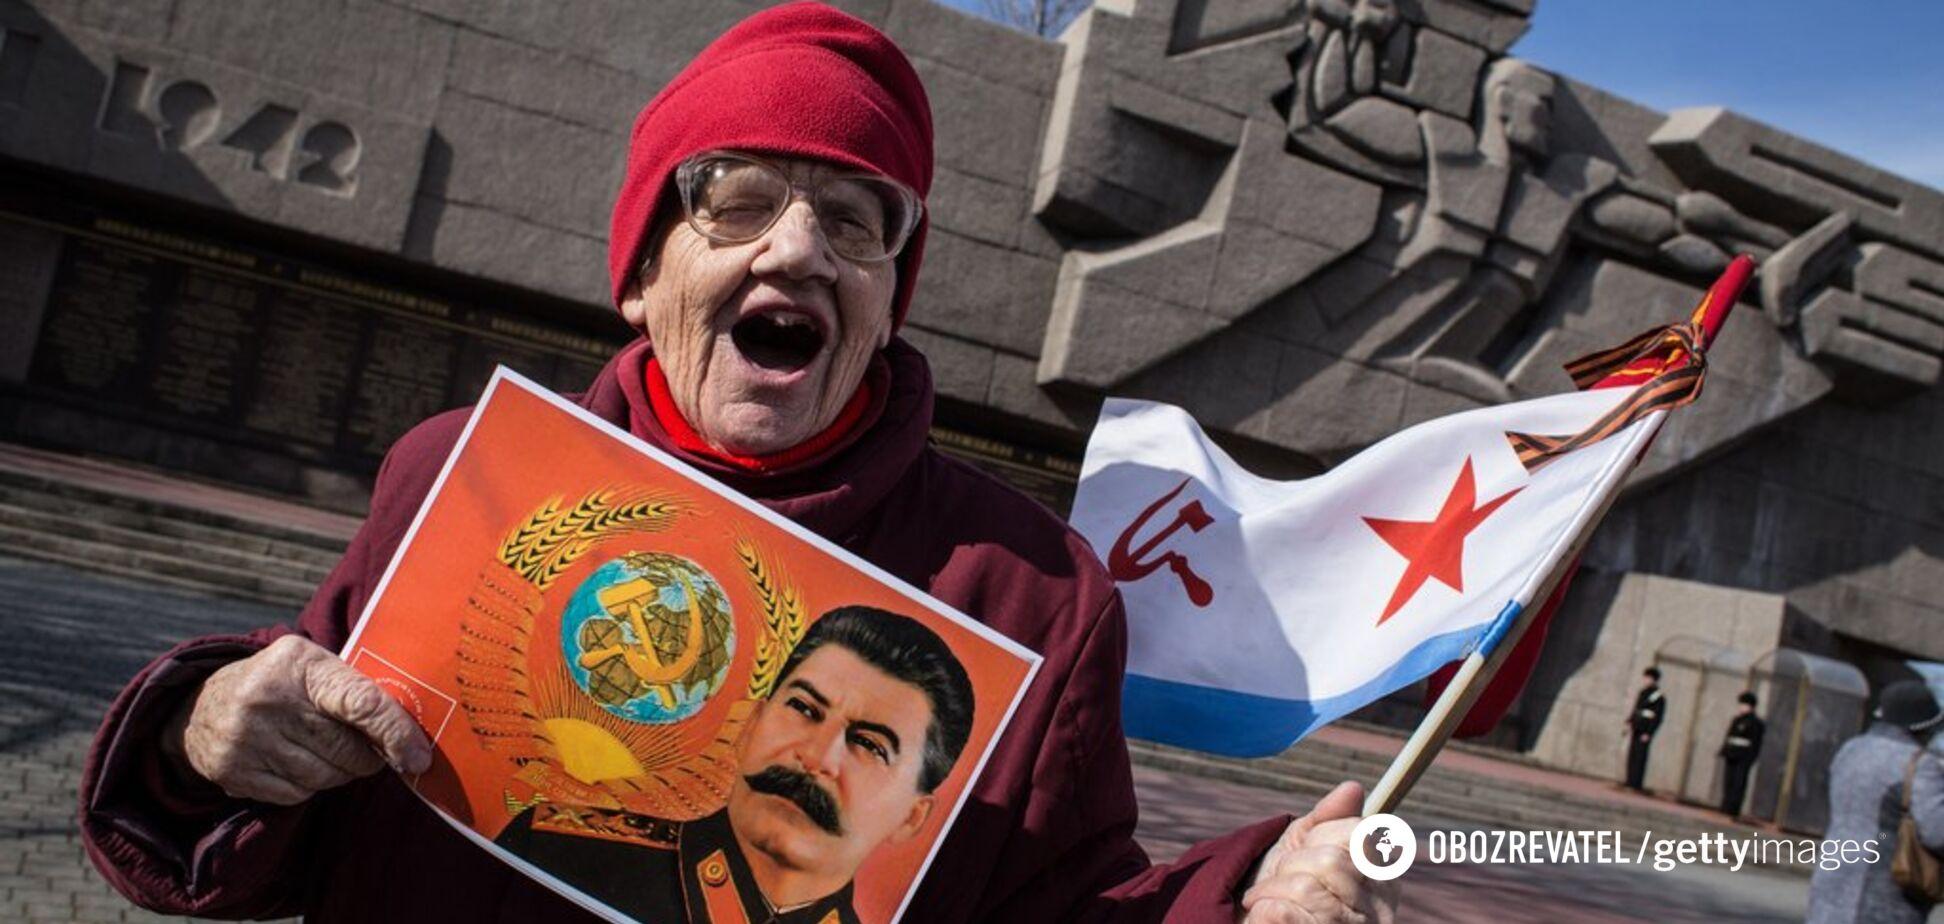 'Грають на руку Росії': The New York Times знову потрапила в скандал із Кримом